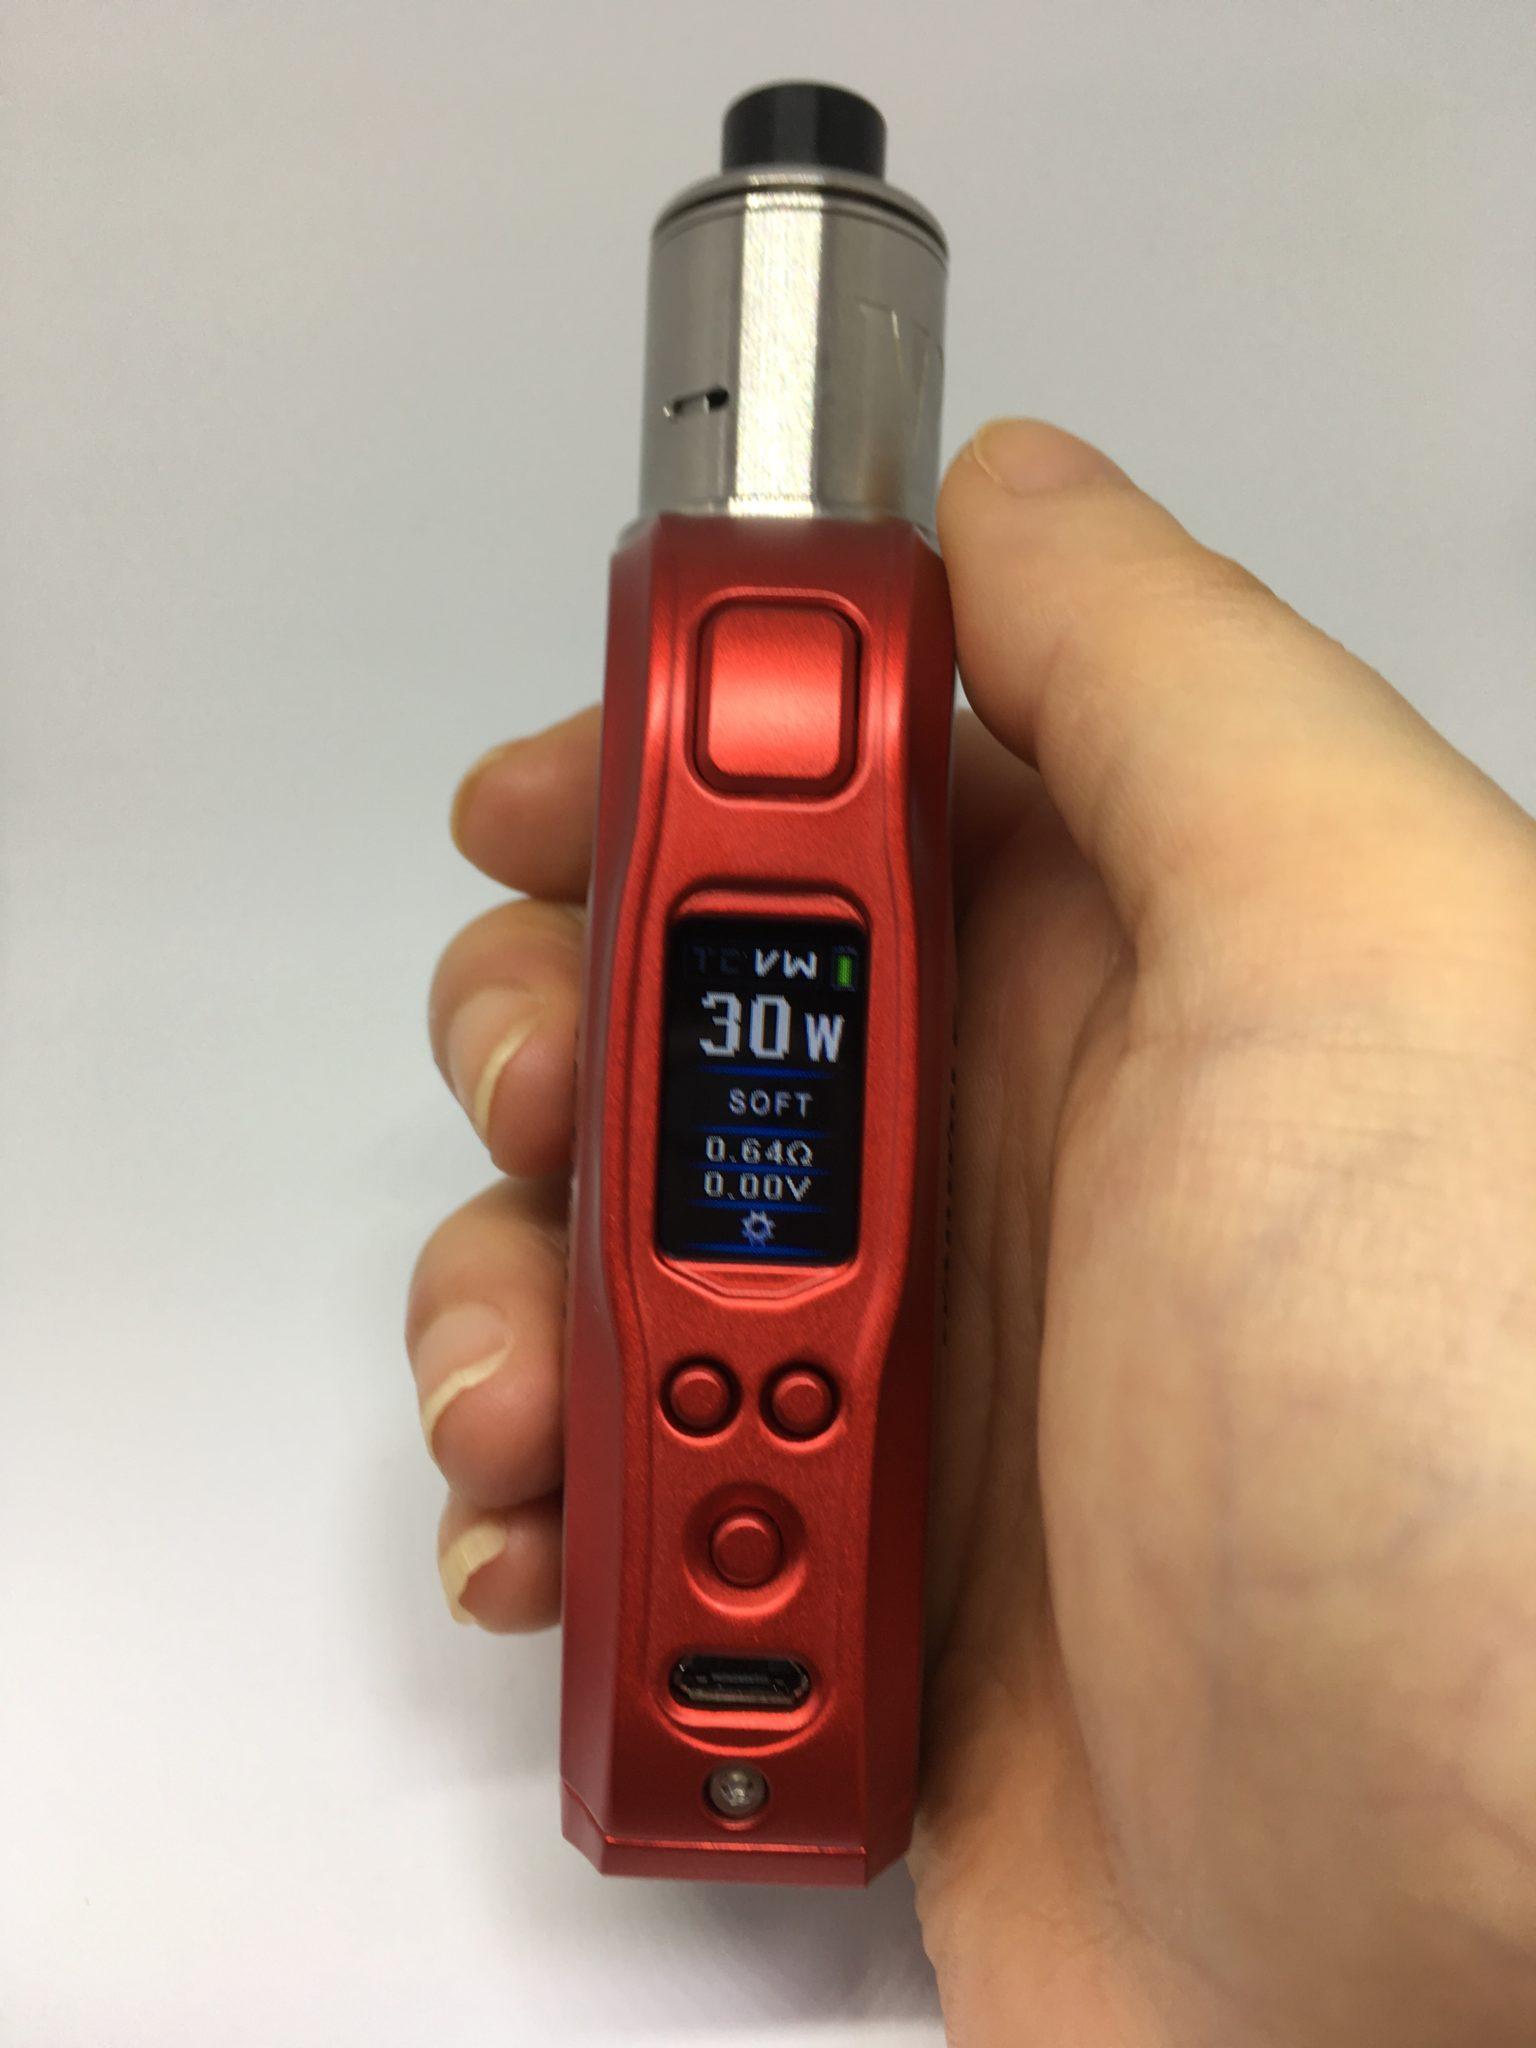 IMG 4657 - 【レビュー】HCIGARの最新作、『WARWOLF 80w』コンパクトなのに多機能高性能!!おまけにカラー液晶が分かりやすくてかなり便利なDNA75レビュー!!【MOD/VAPE/テクニカル】